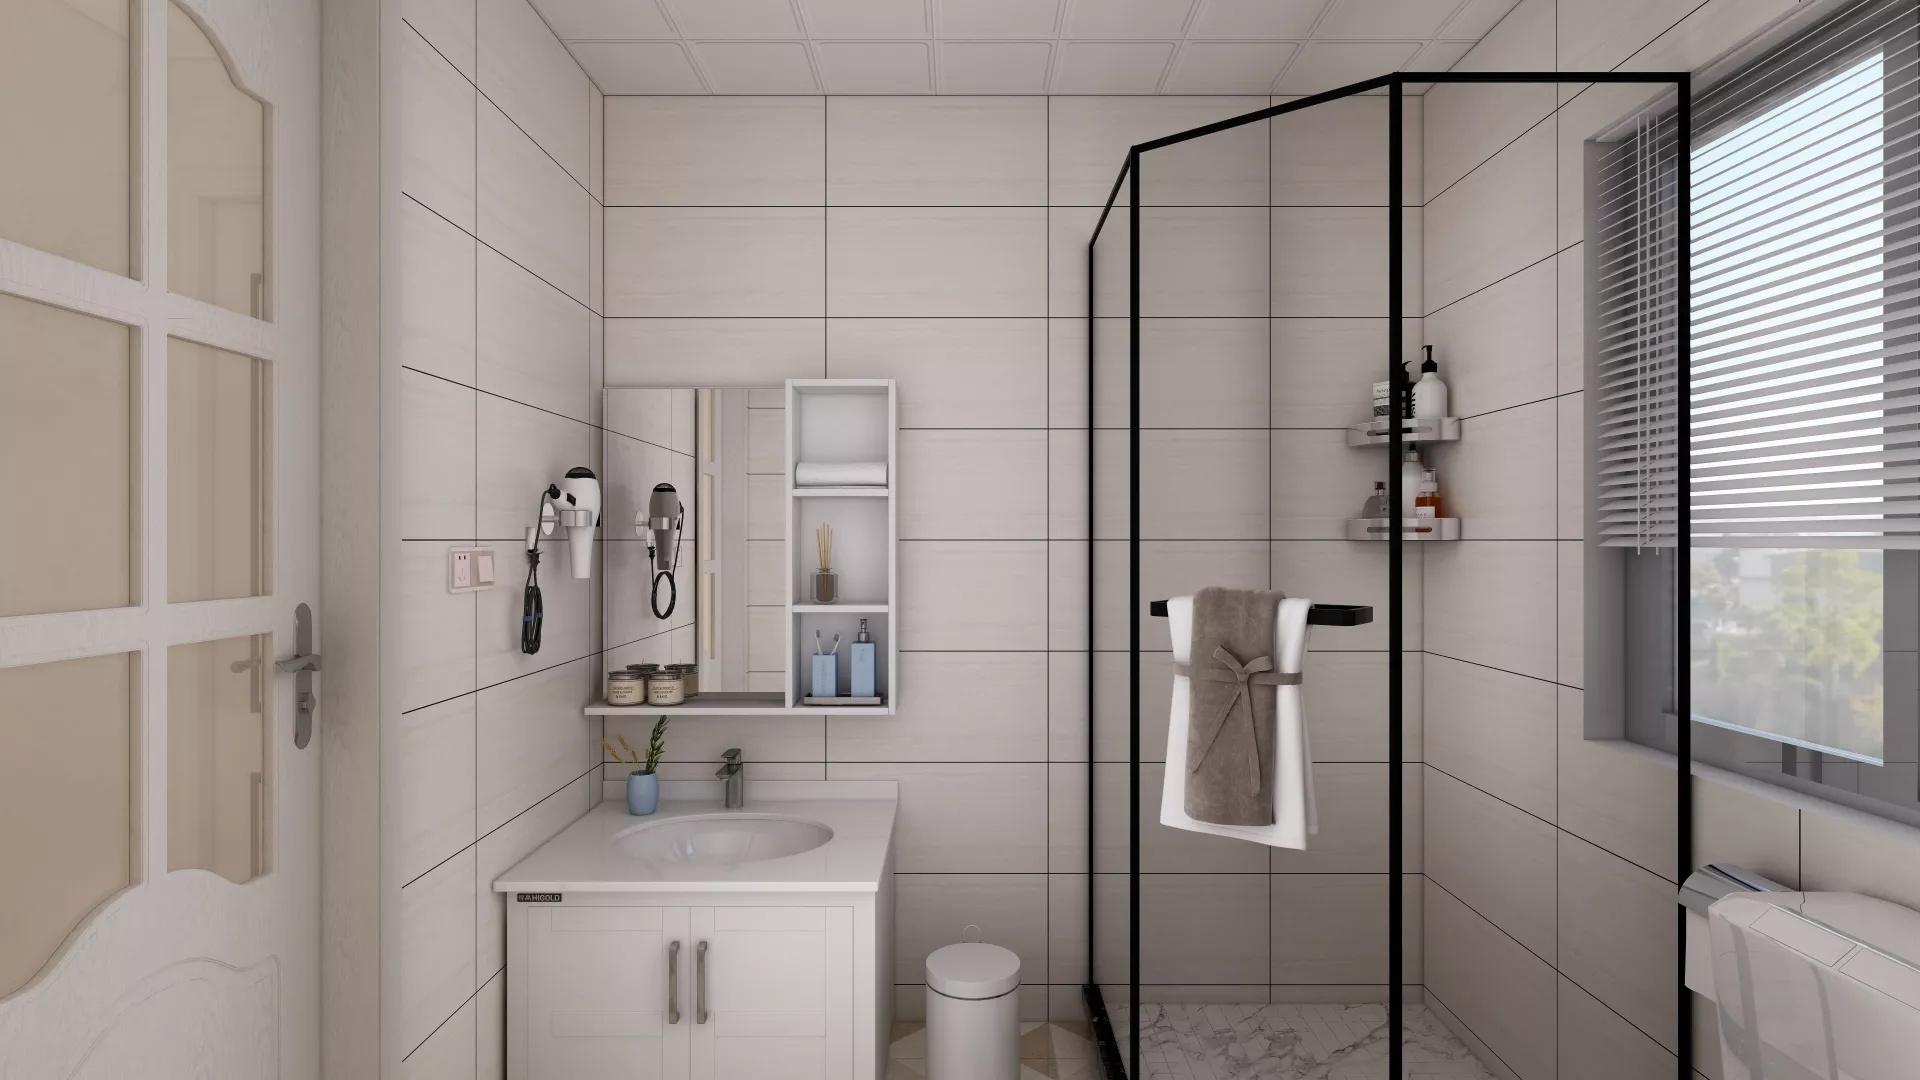 墙面饰品有哪些类型?墙面饰品挂件种类分哪些?